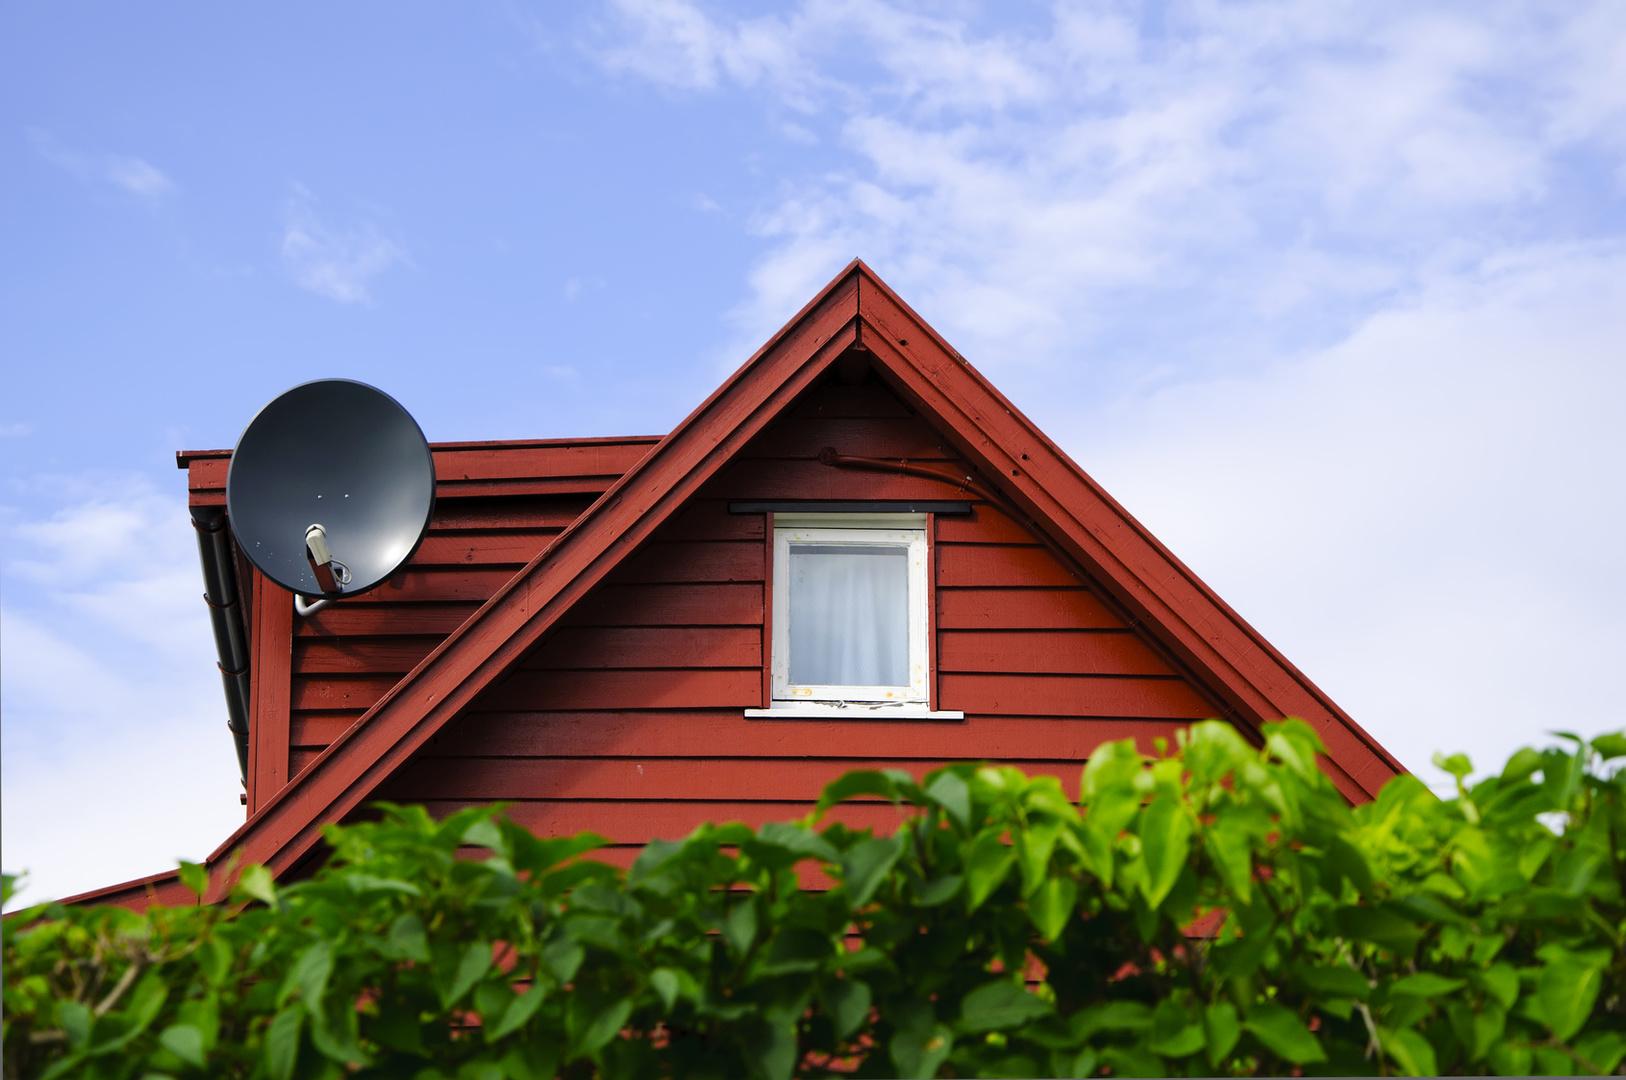 Как заполучить интернет на даче, если нет кабельной сети